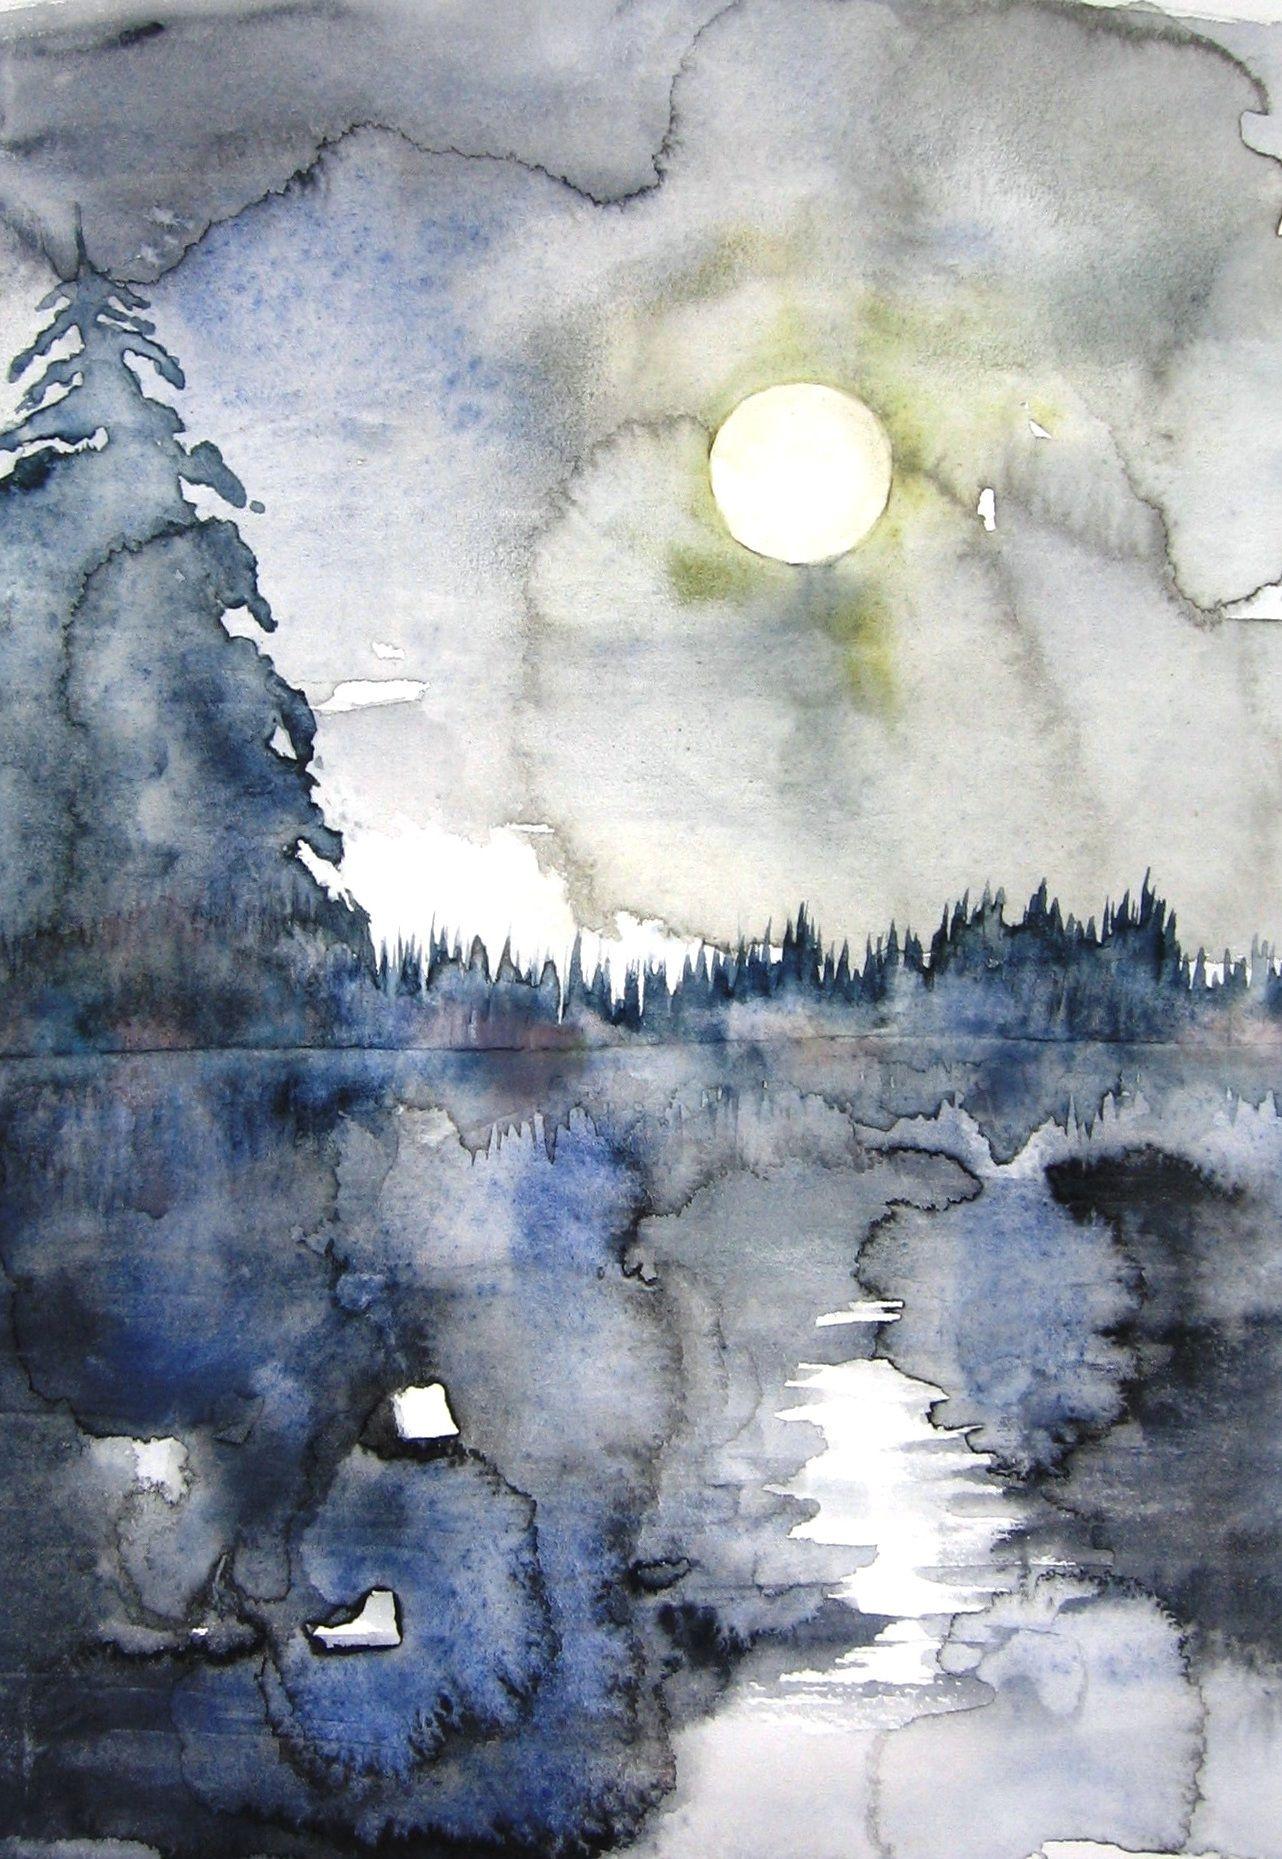 moonlight on river by BlueCaroline.deviantart.com on @DeviantArt